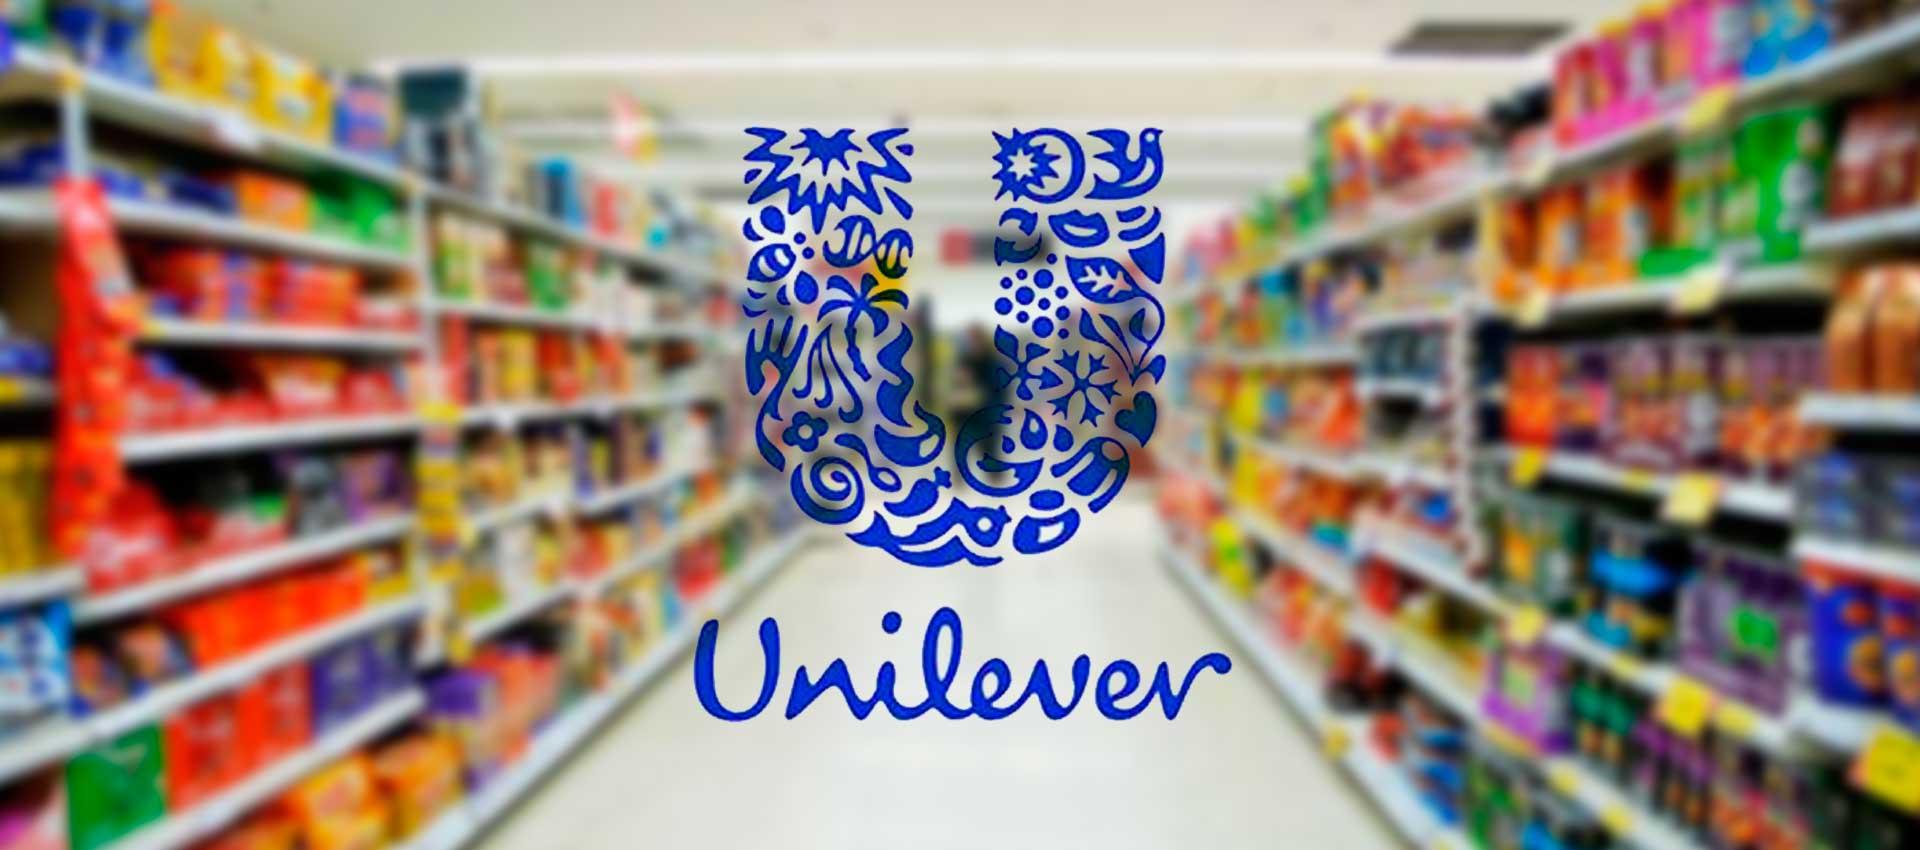 Unilever banner